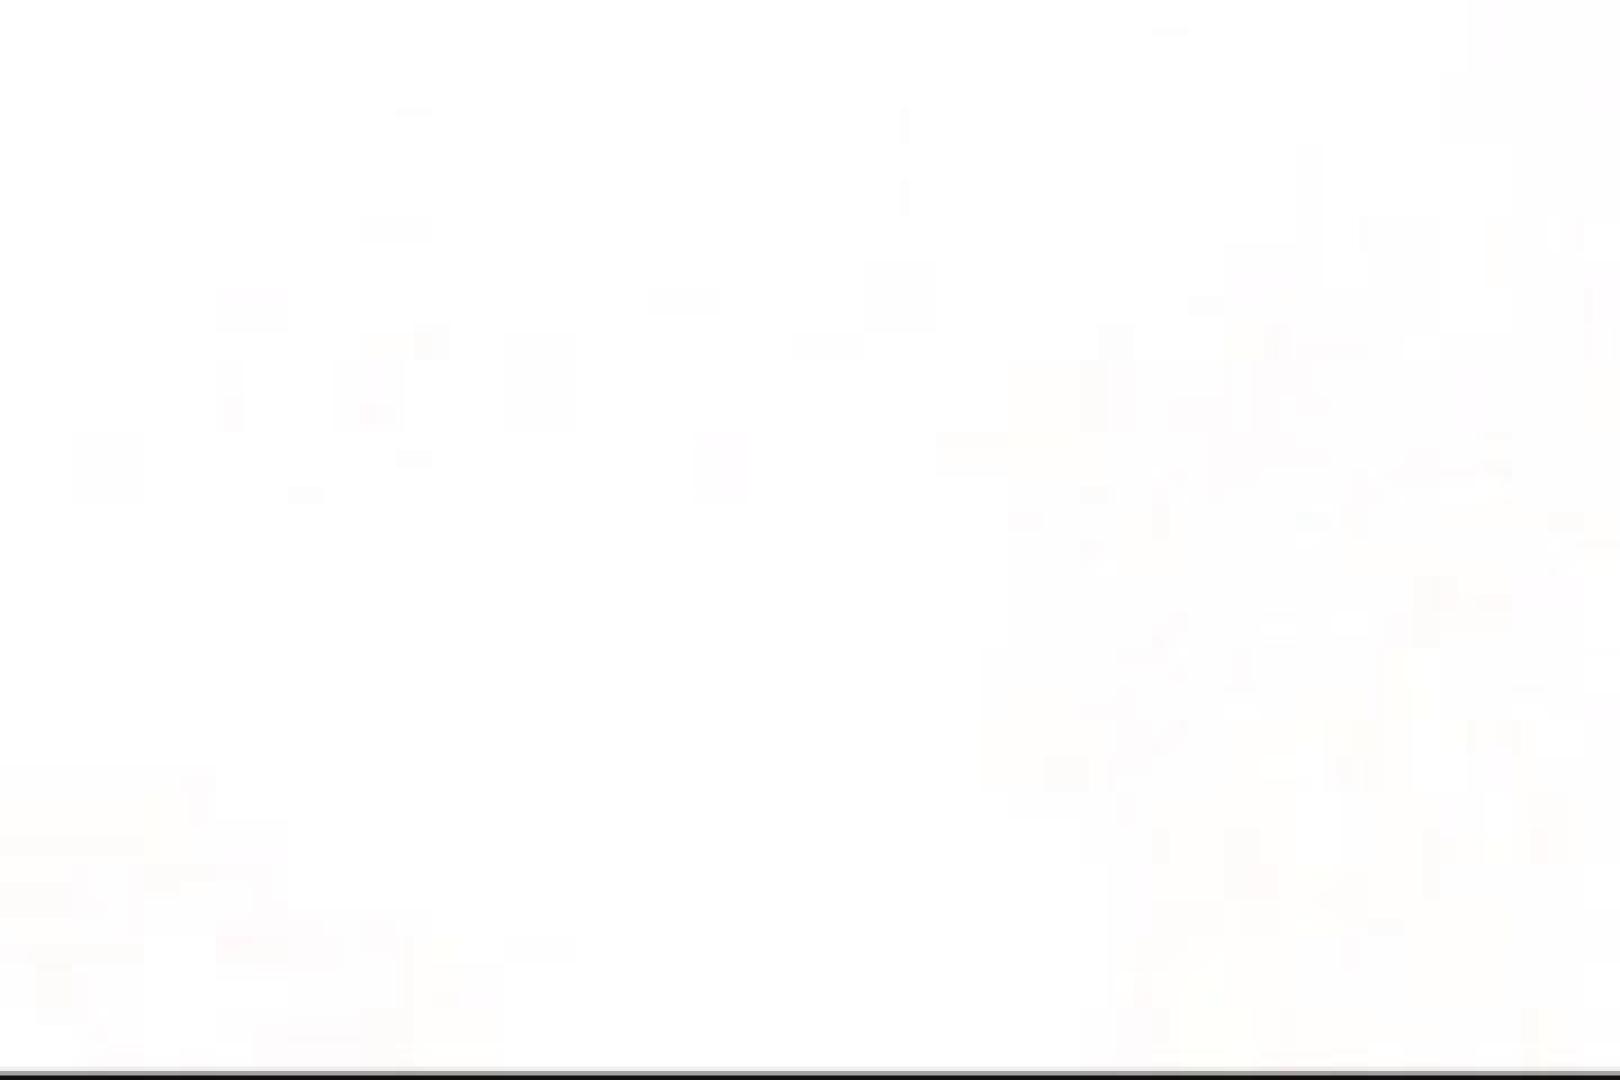 情 欲 vol.02 無修正 | 入浴・シャワー丸見え エロビデオ紹介 108pic 52